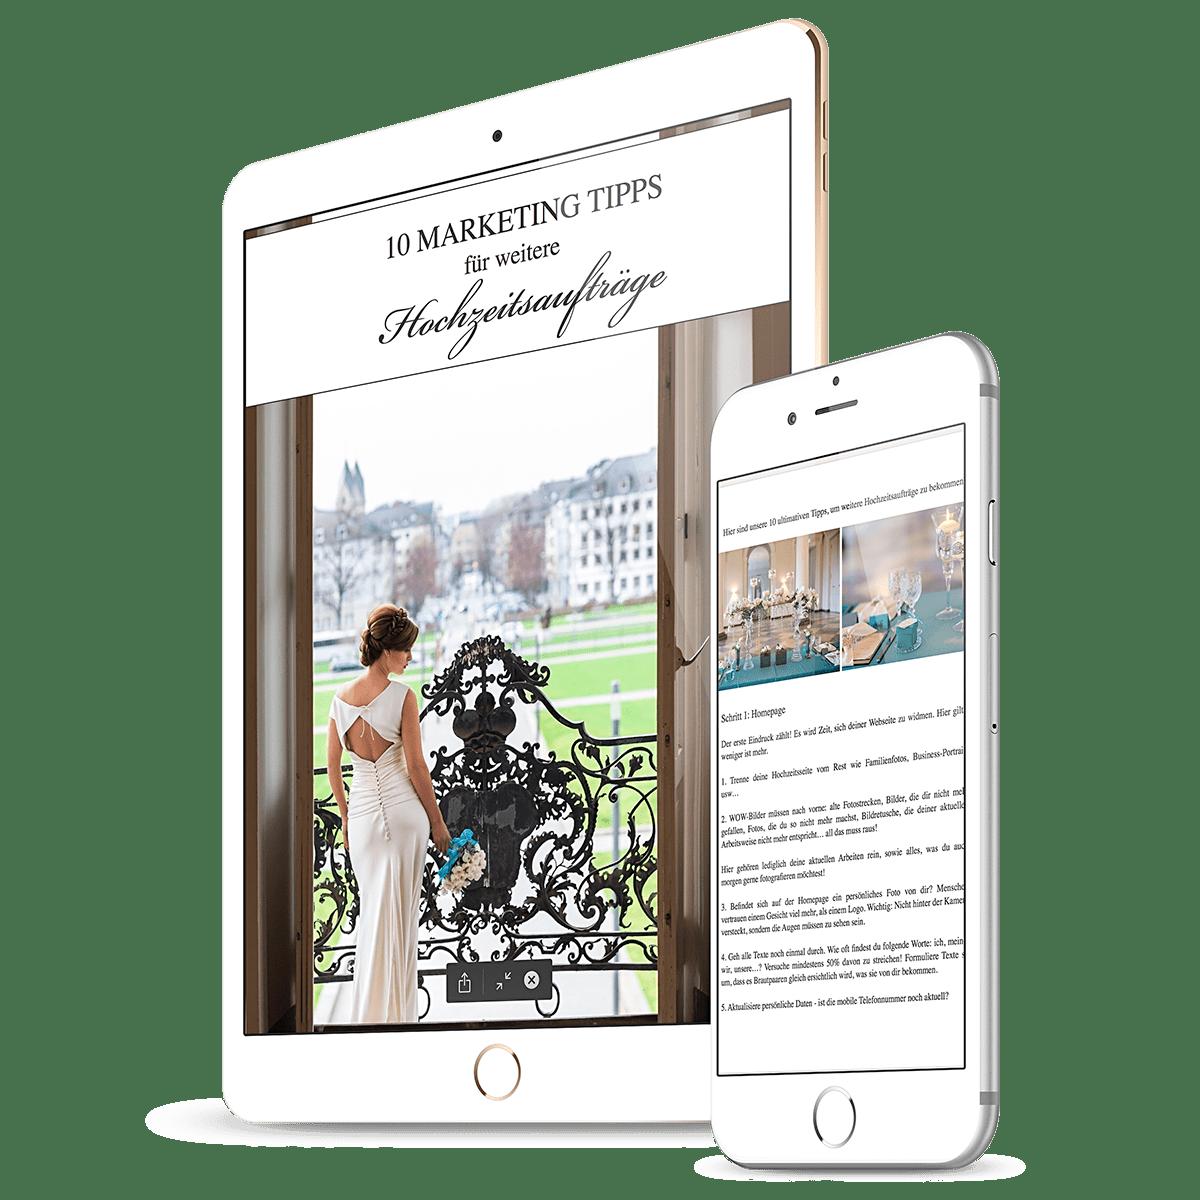 10 Marketing Tipps für weitere Hochzeitsaufträge